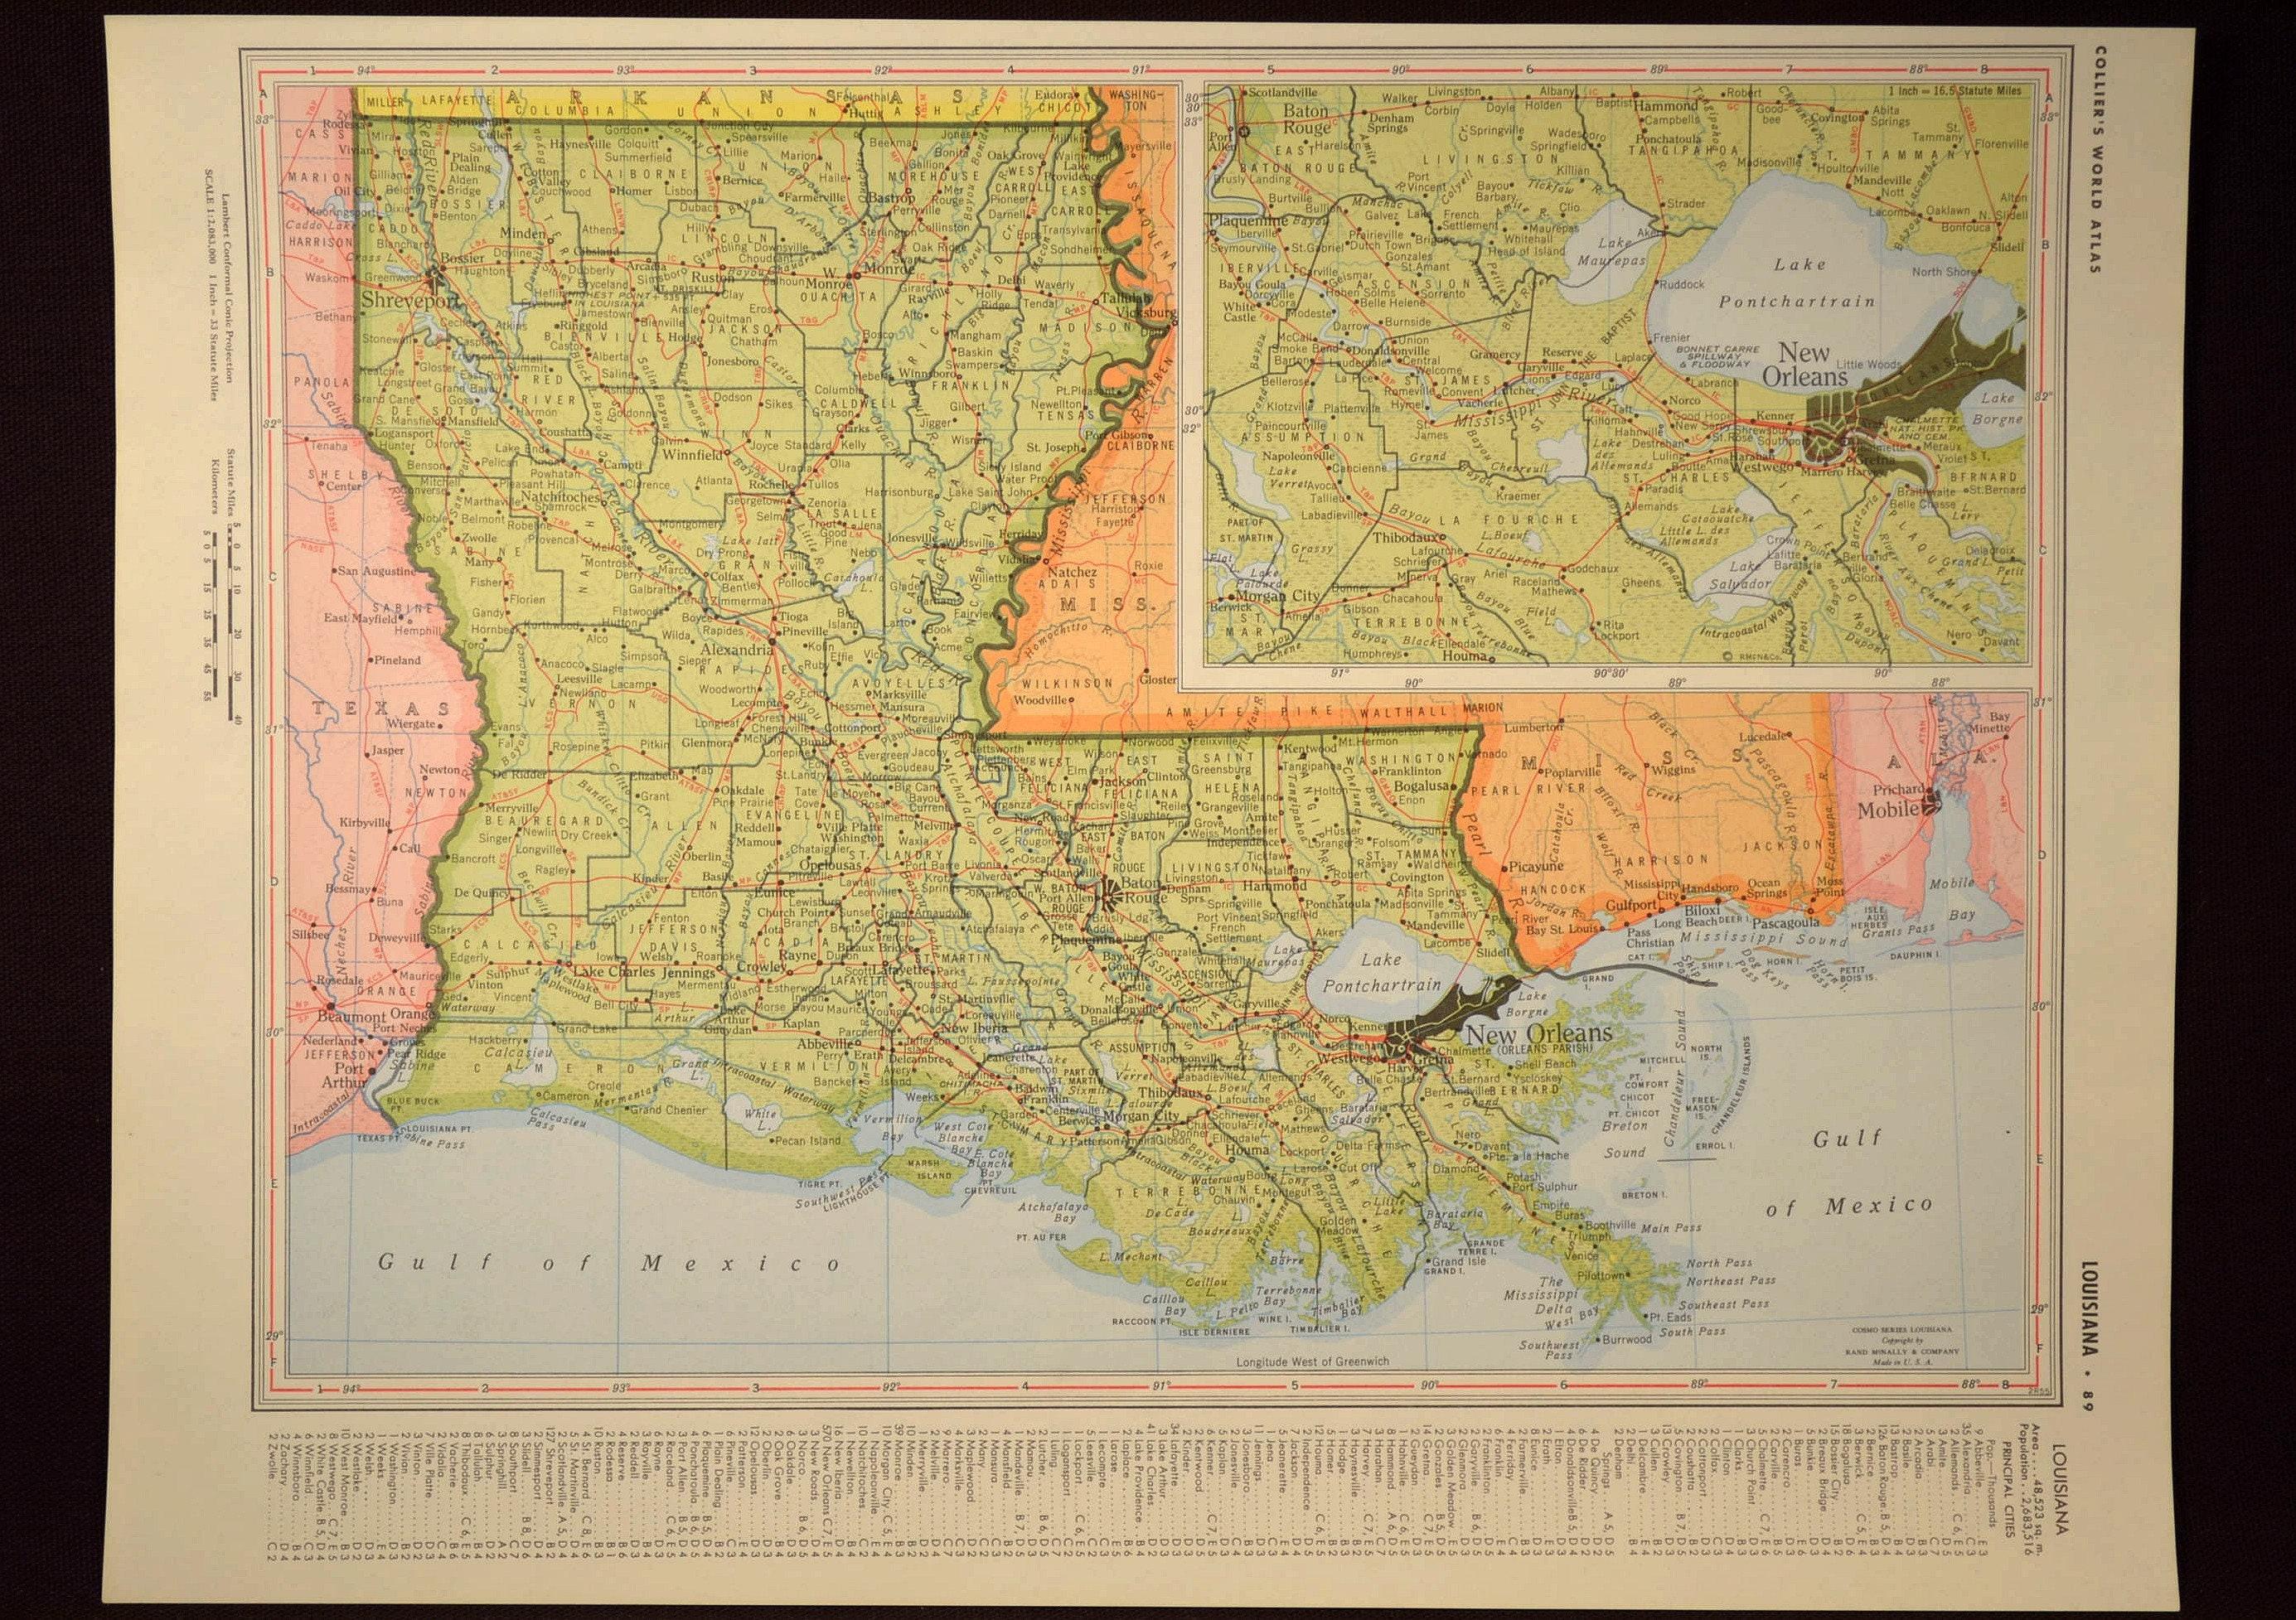 I 20 Louisiana Map.Louisiana Map Of Louisiana Wall Art Decor Green Original Etsy